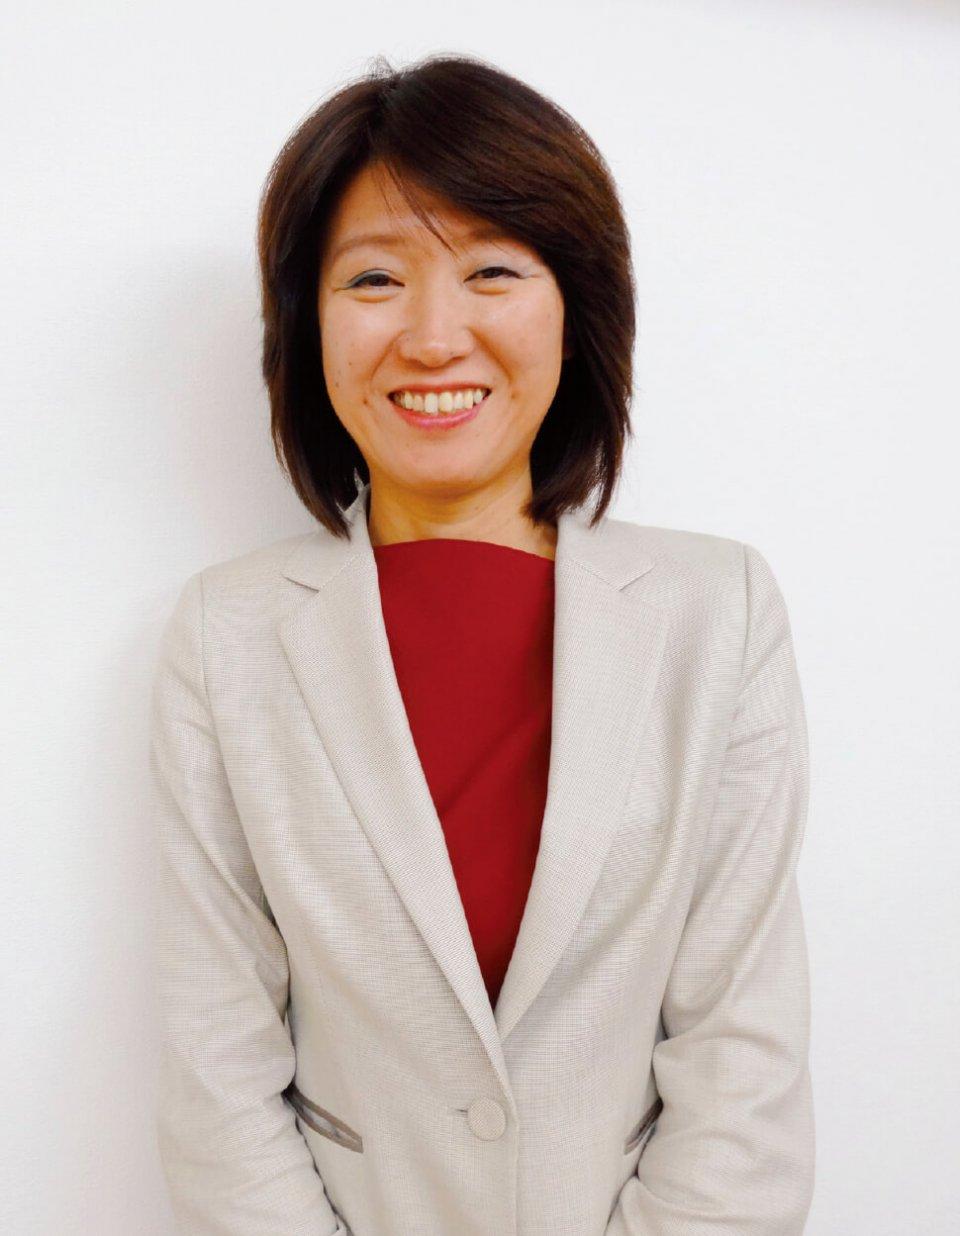 クリフ代表取締役石山純恵さん。国際結婚、離婚を経て起業した。2児の母